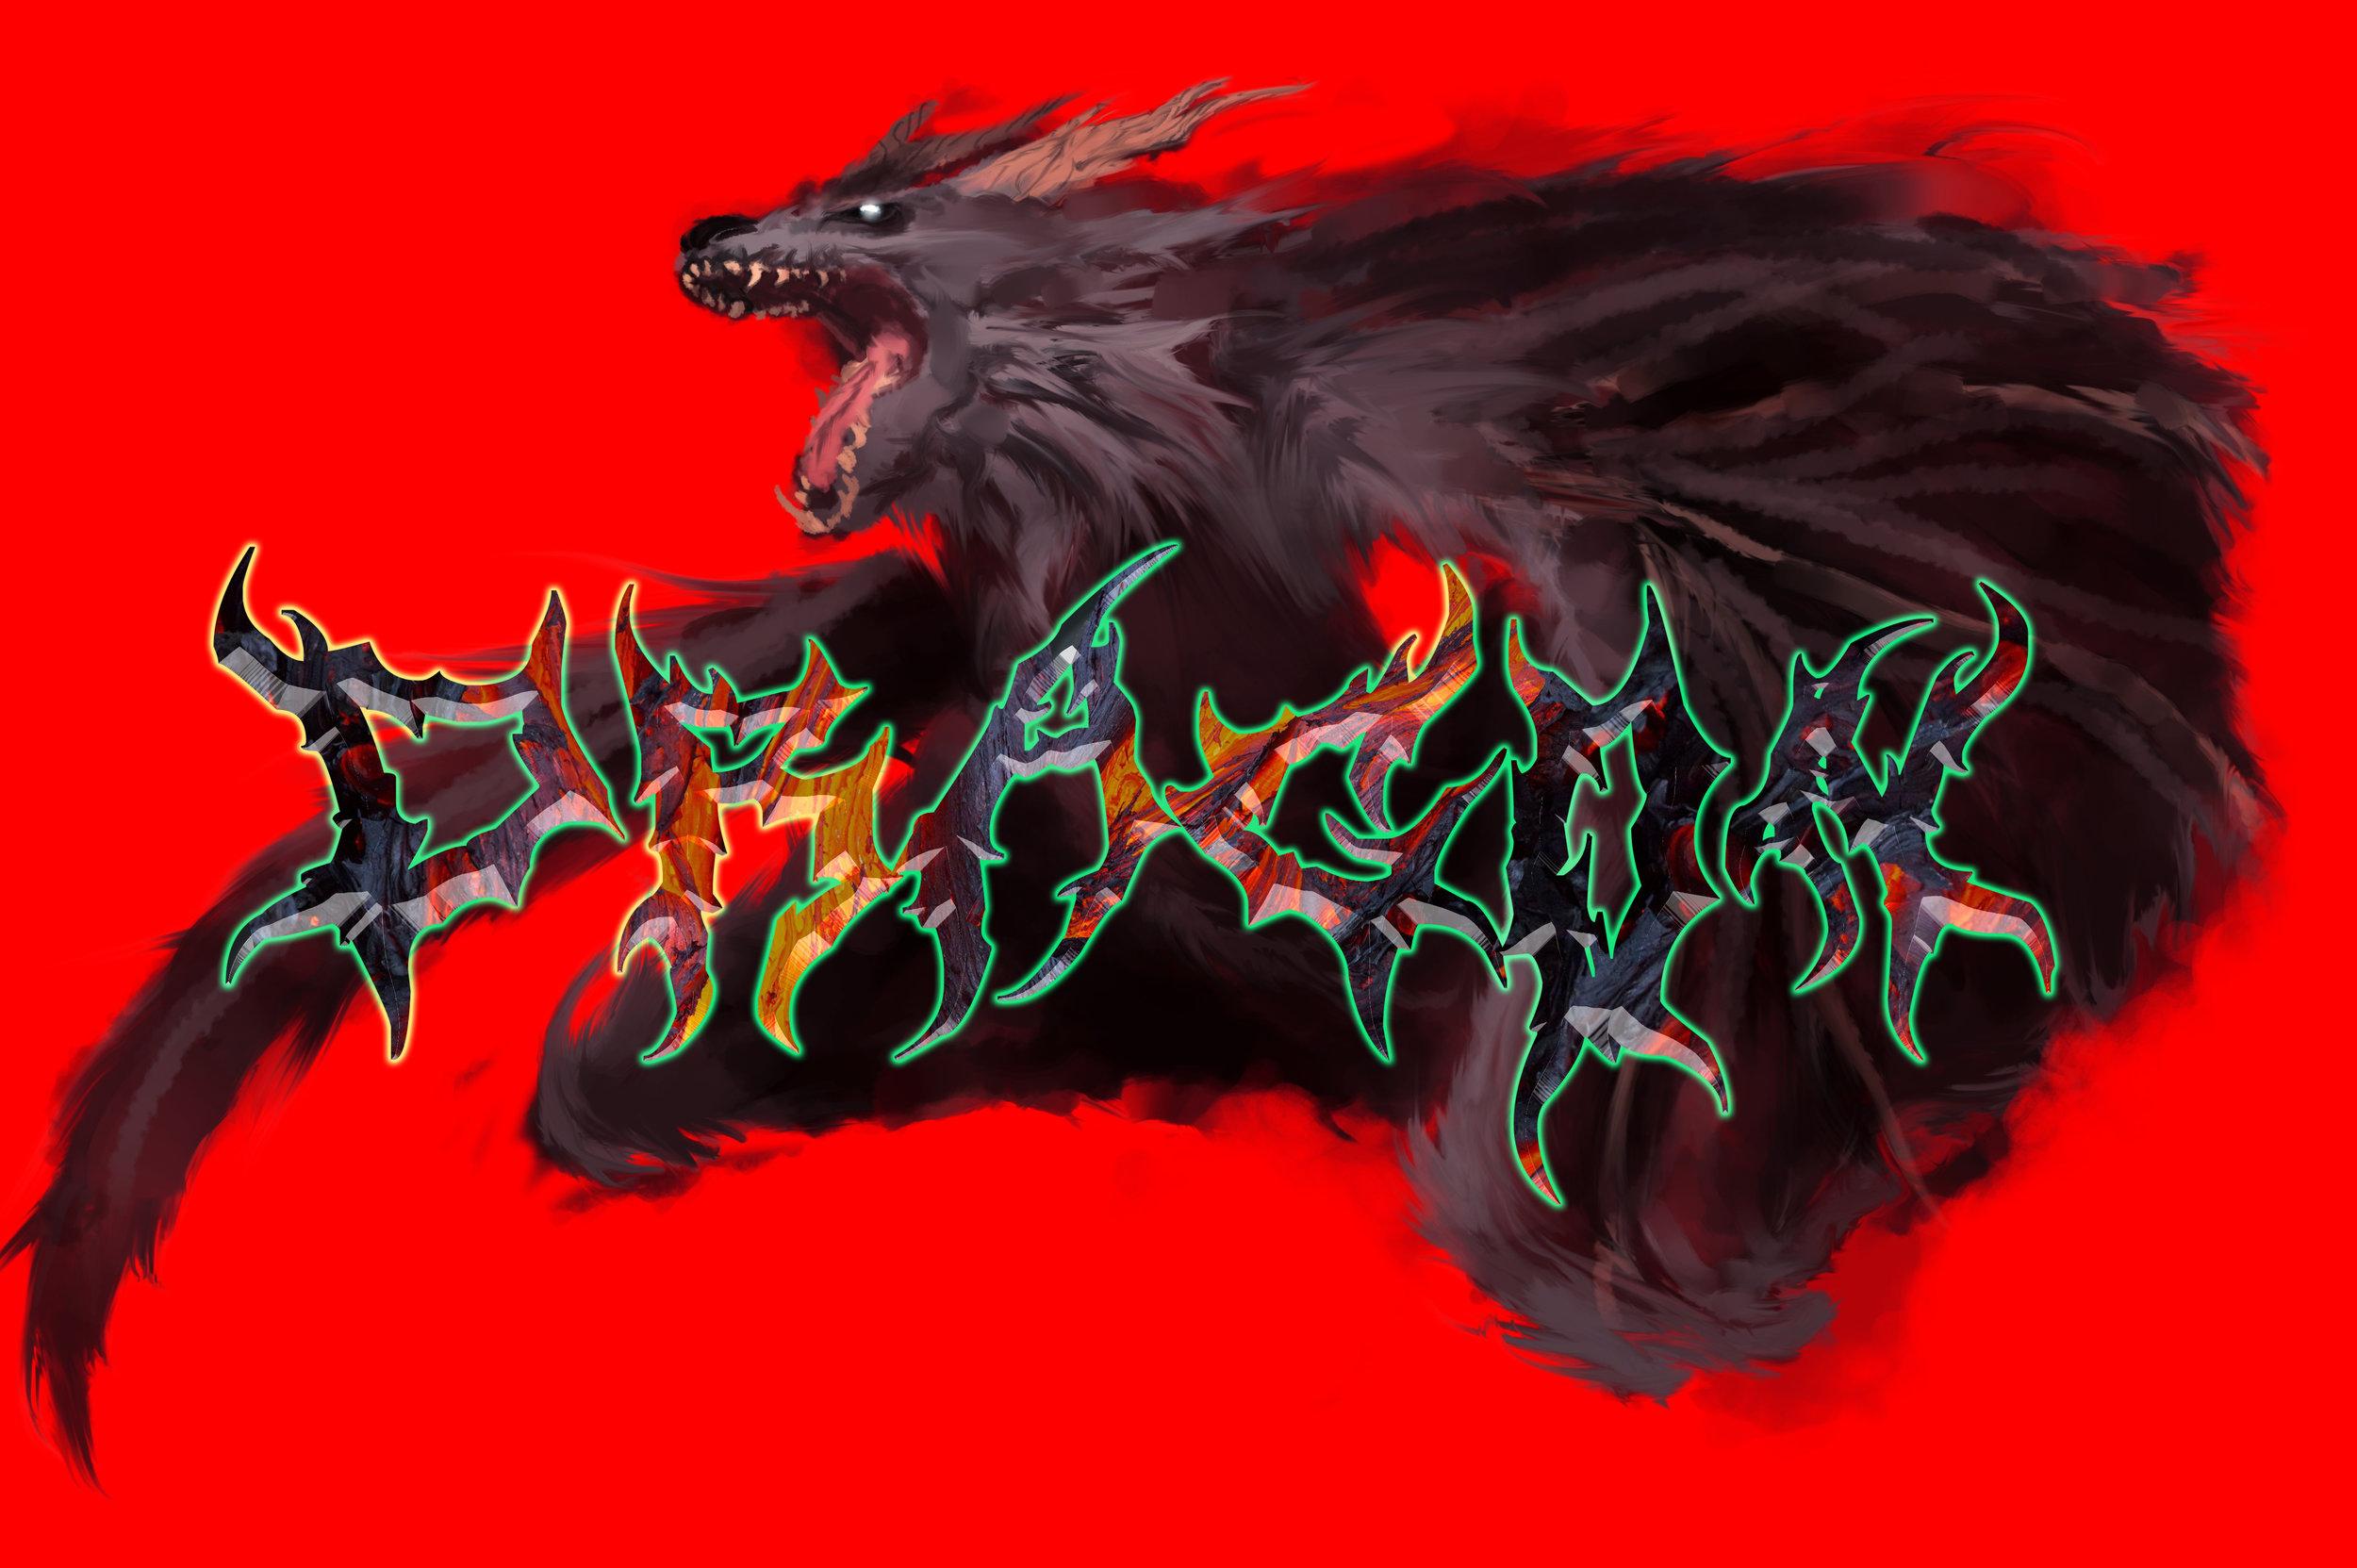 Dragon_cvb2019.jpg